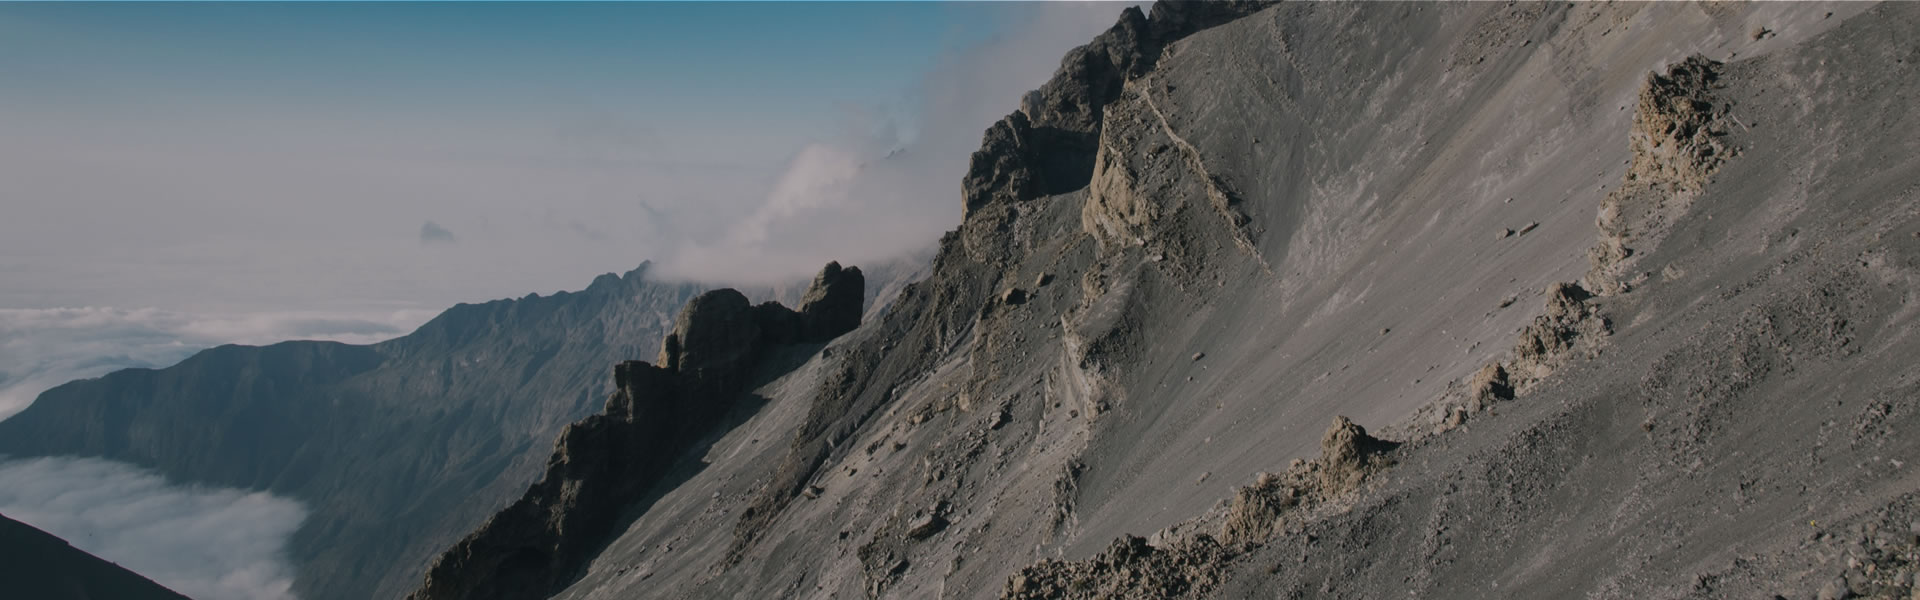 bandeau montagne nuit paysage